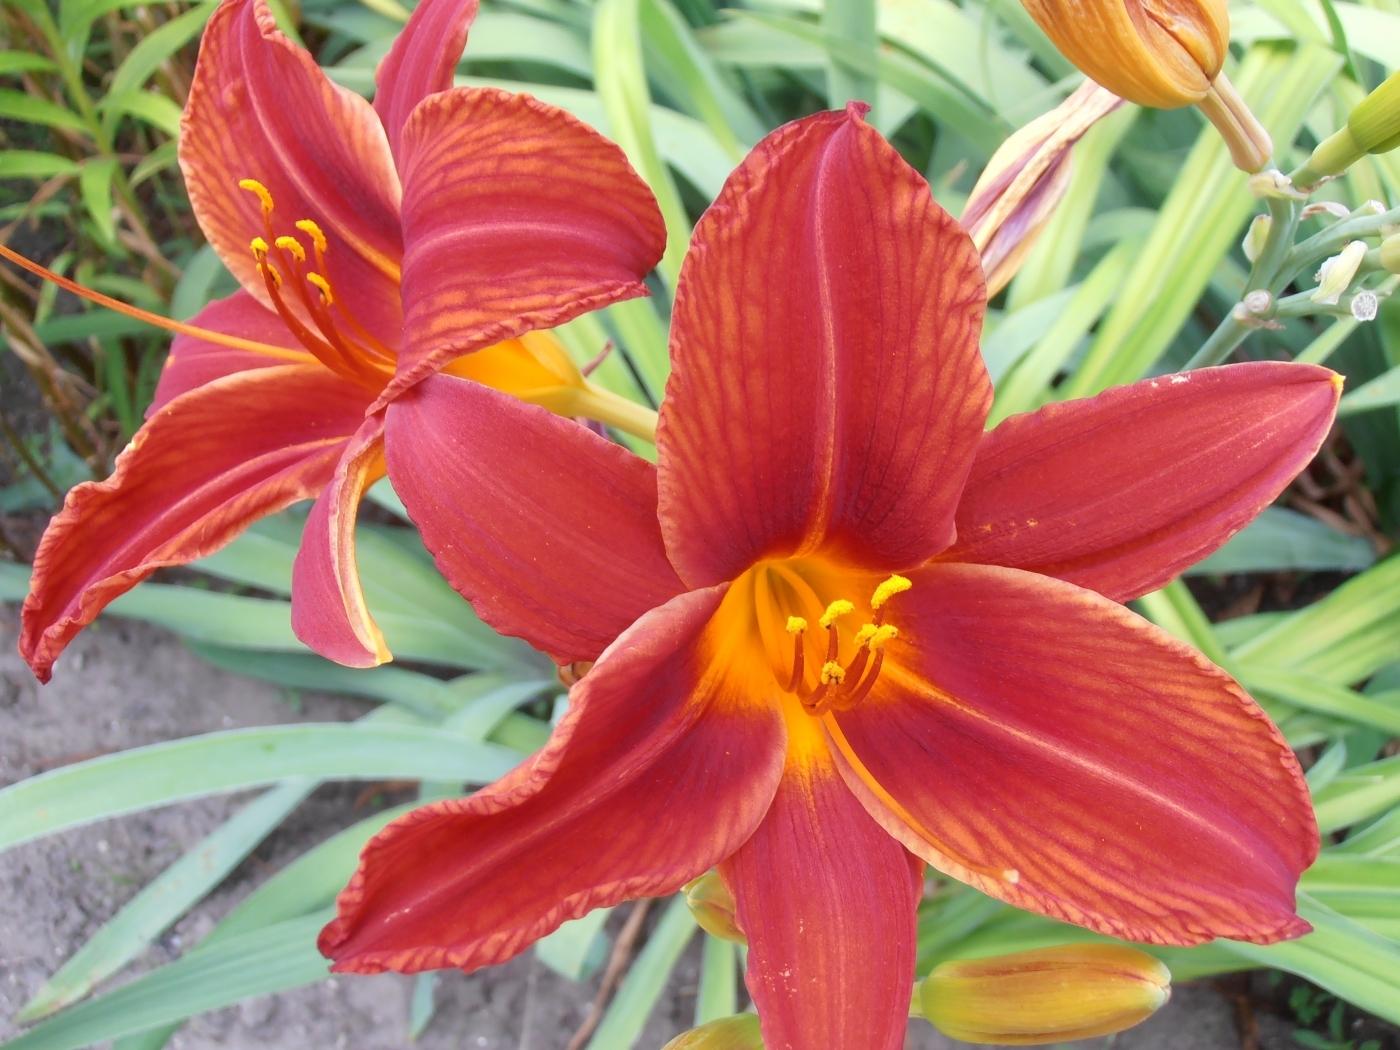 25838 скачать обои Растения, Цветы - заставки и картинки бесплатно